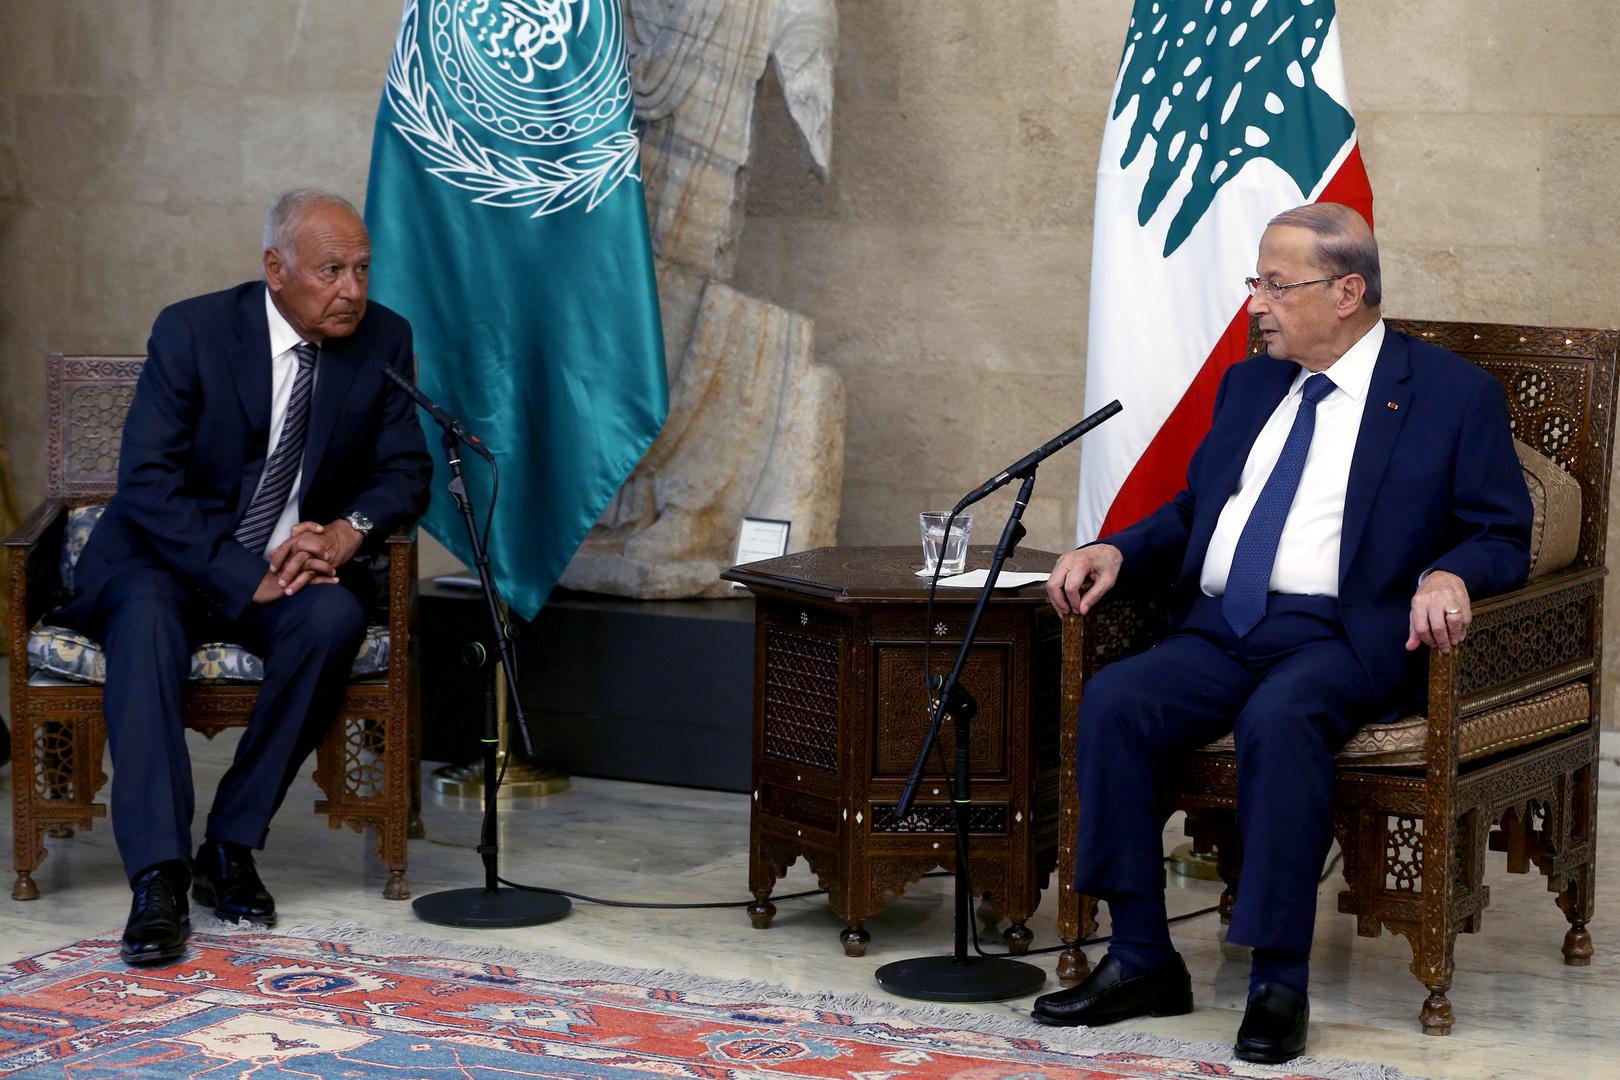 الأمين العام لجامعة الدول العربية، أحمد أبو الغيط، والرئيس اللبناني، ميشال عون